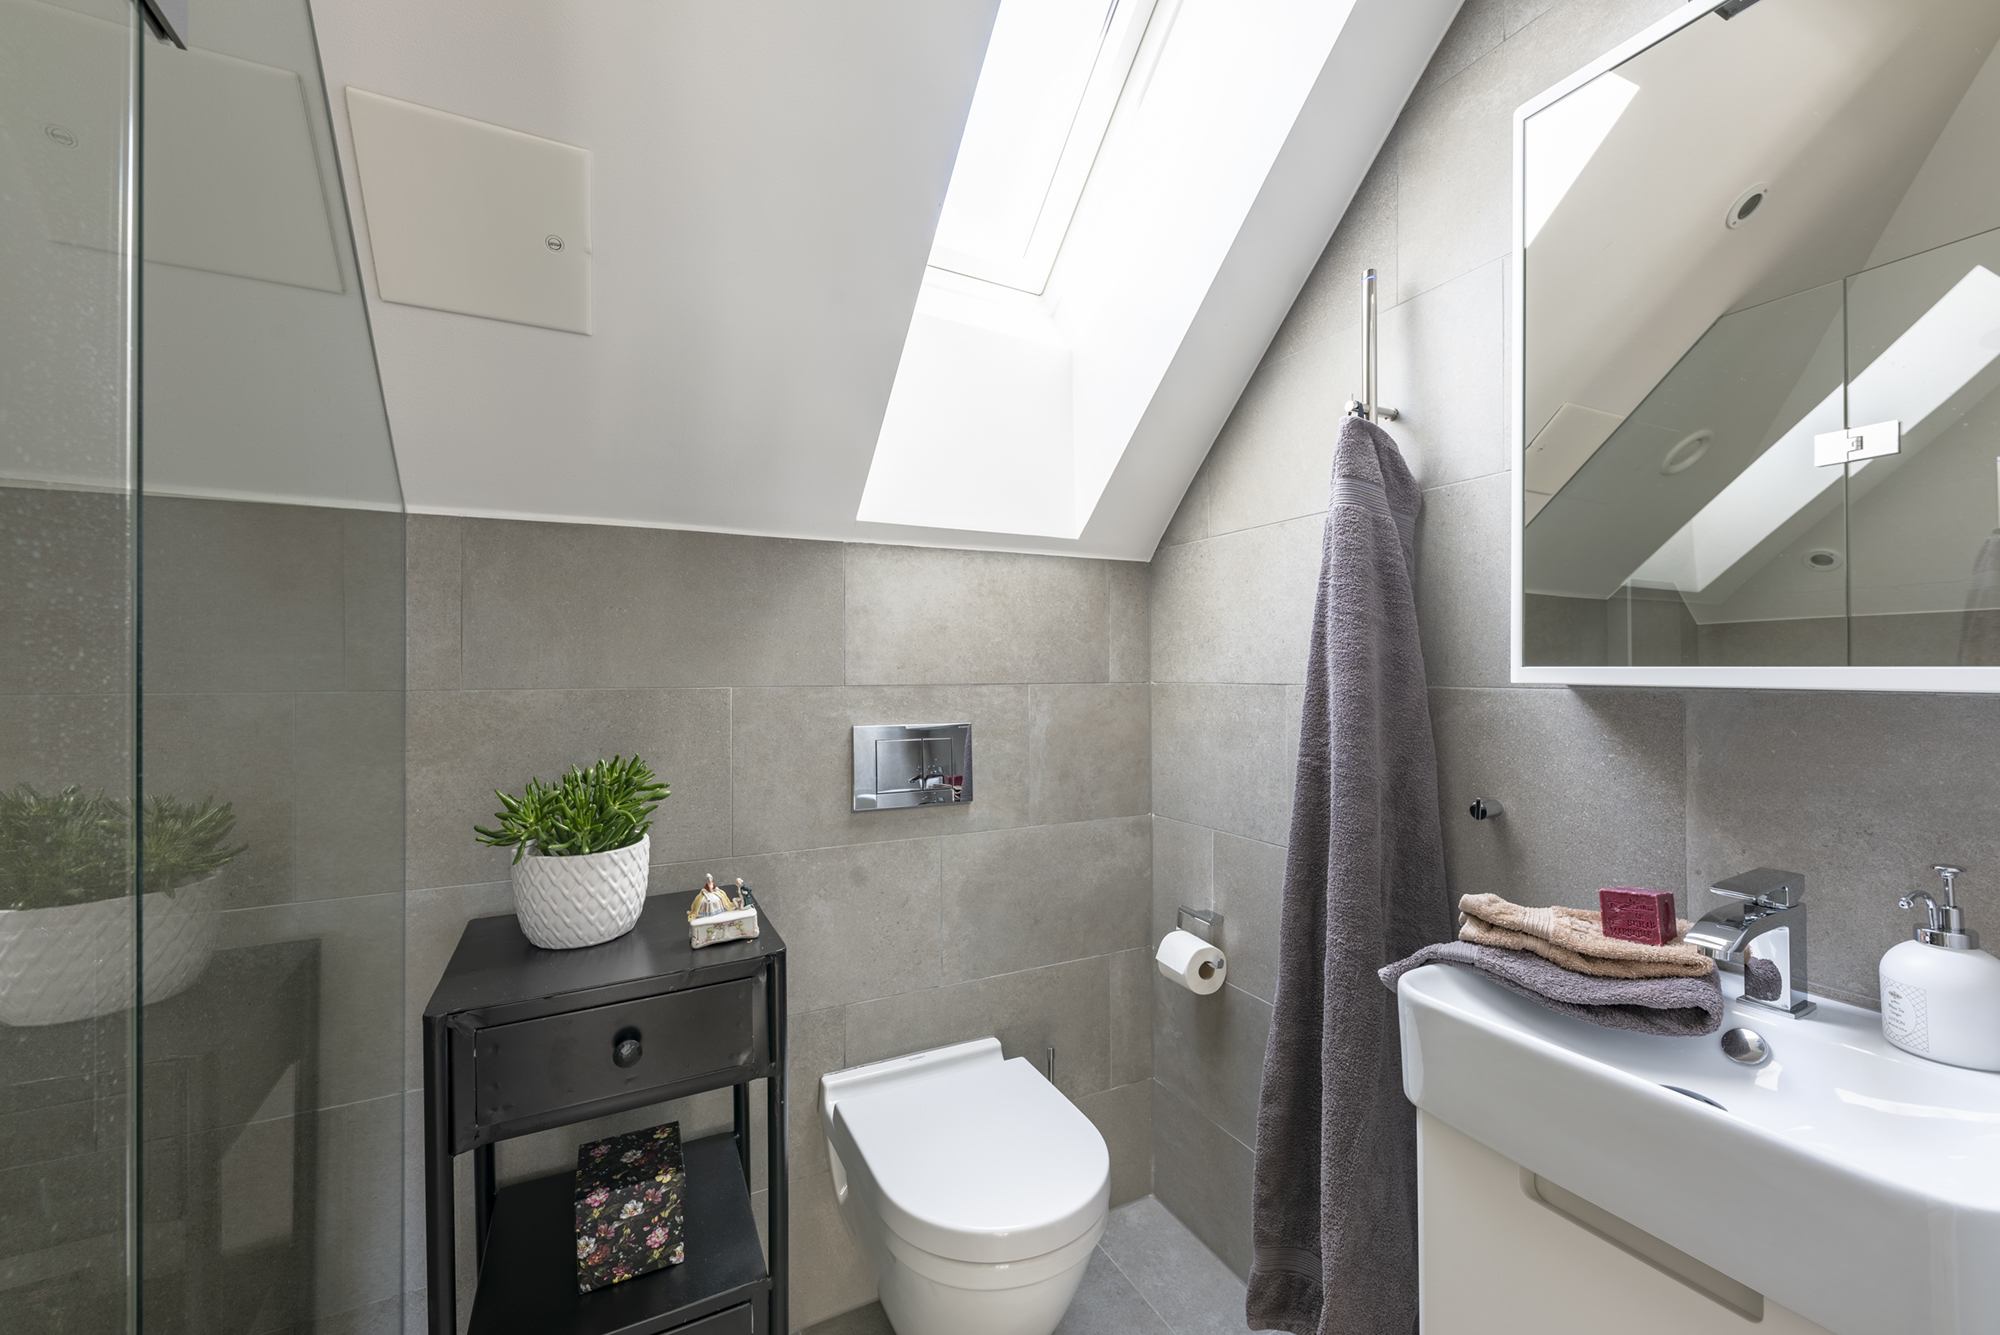 Vägghängd wc, dusch och handfat på kommod